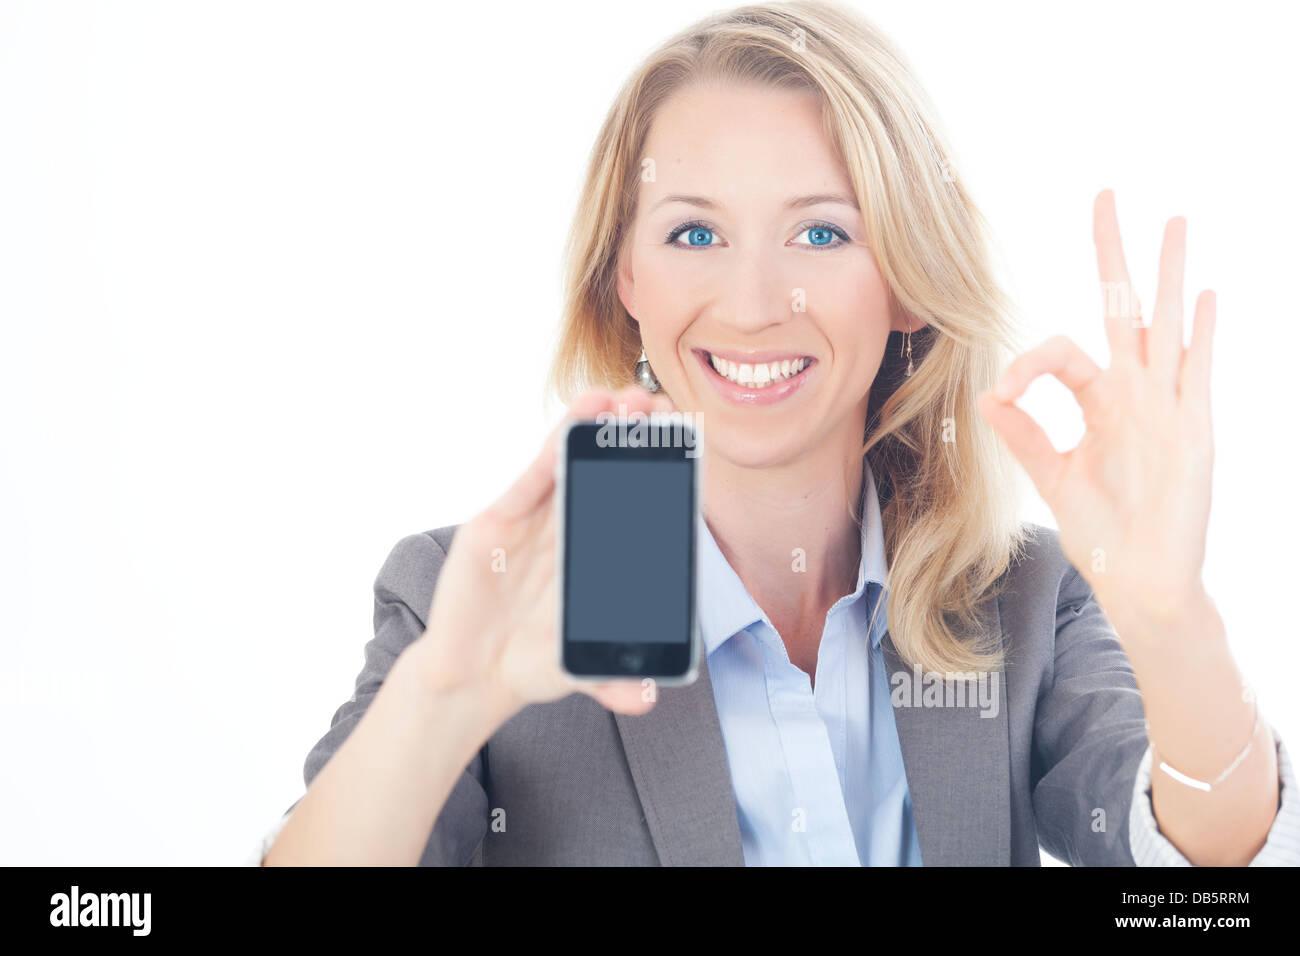 Busienss Frau mit Handy - Stock Image